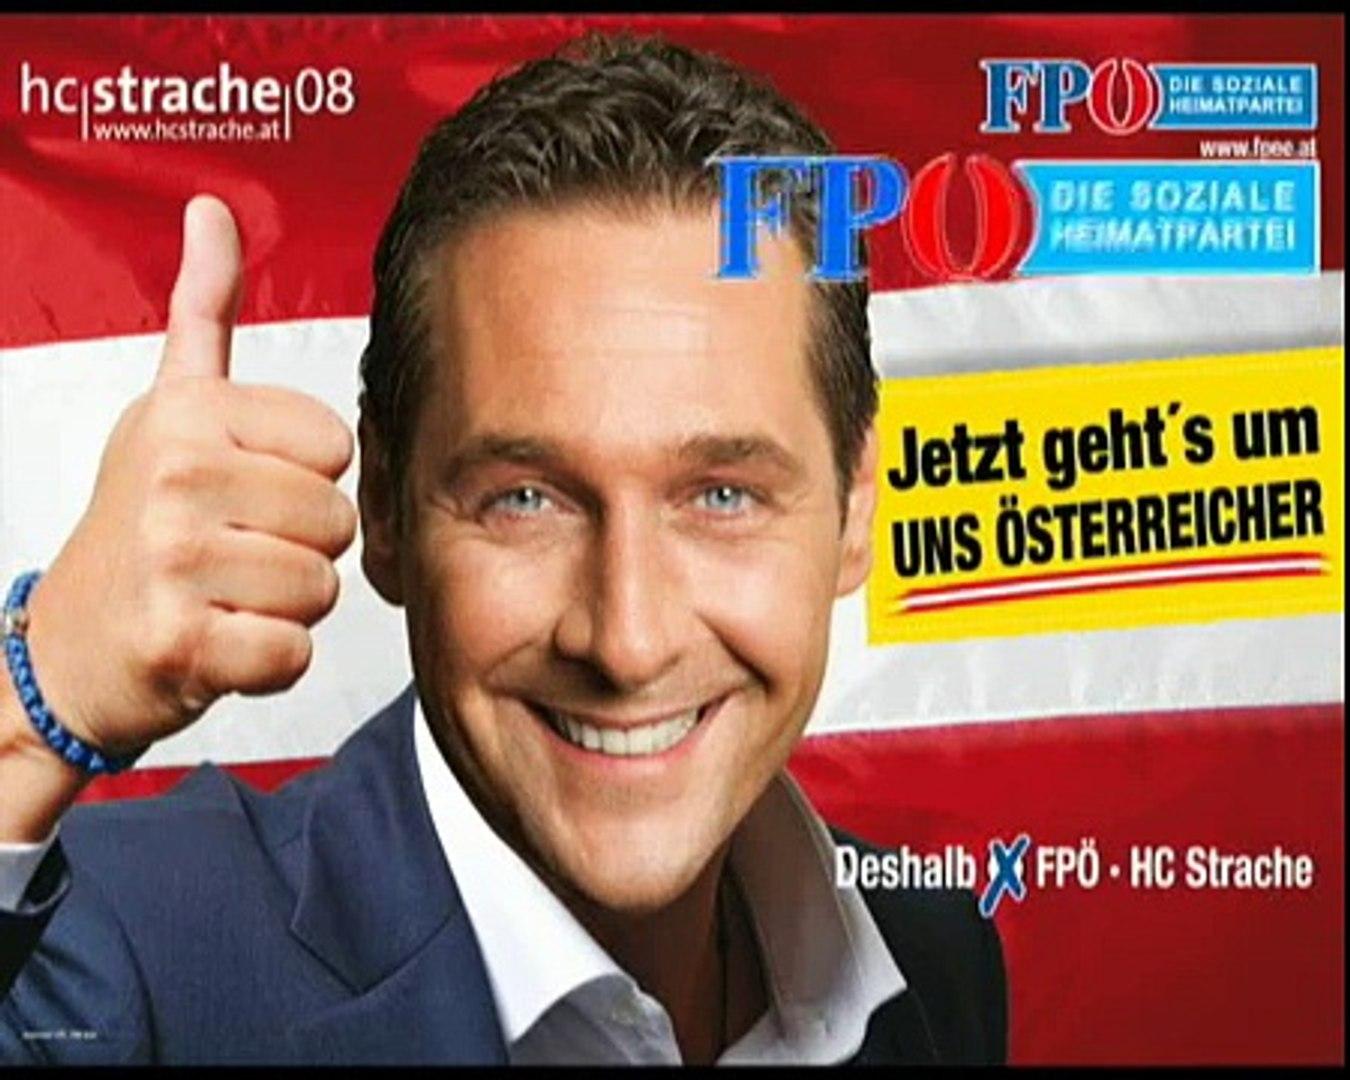 Nach der NR-Wahl 2008 - Teil II - Strache, FPÖ